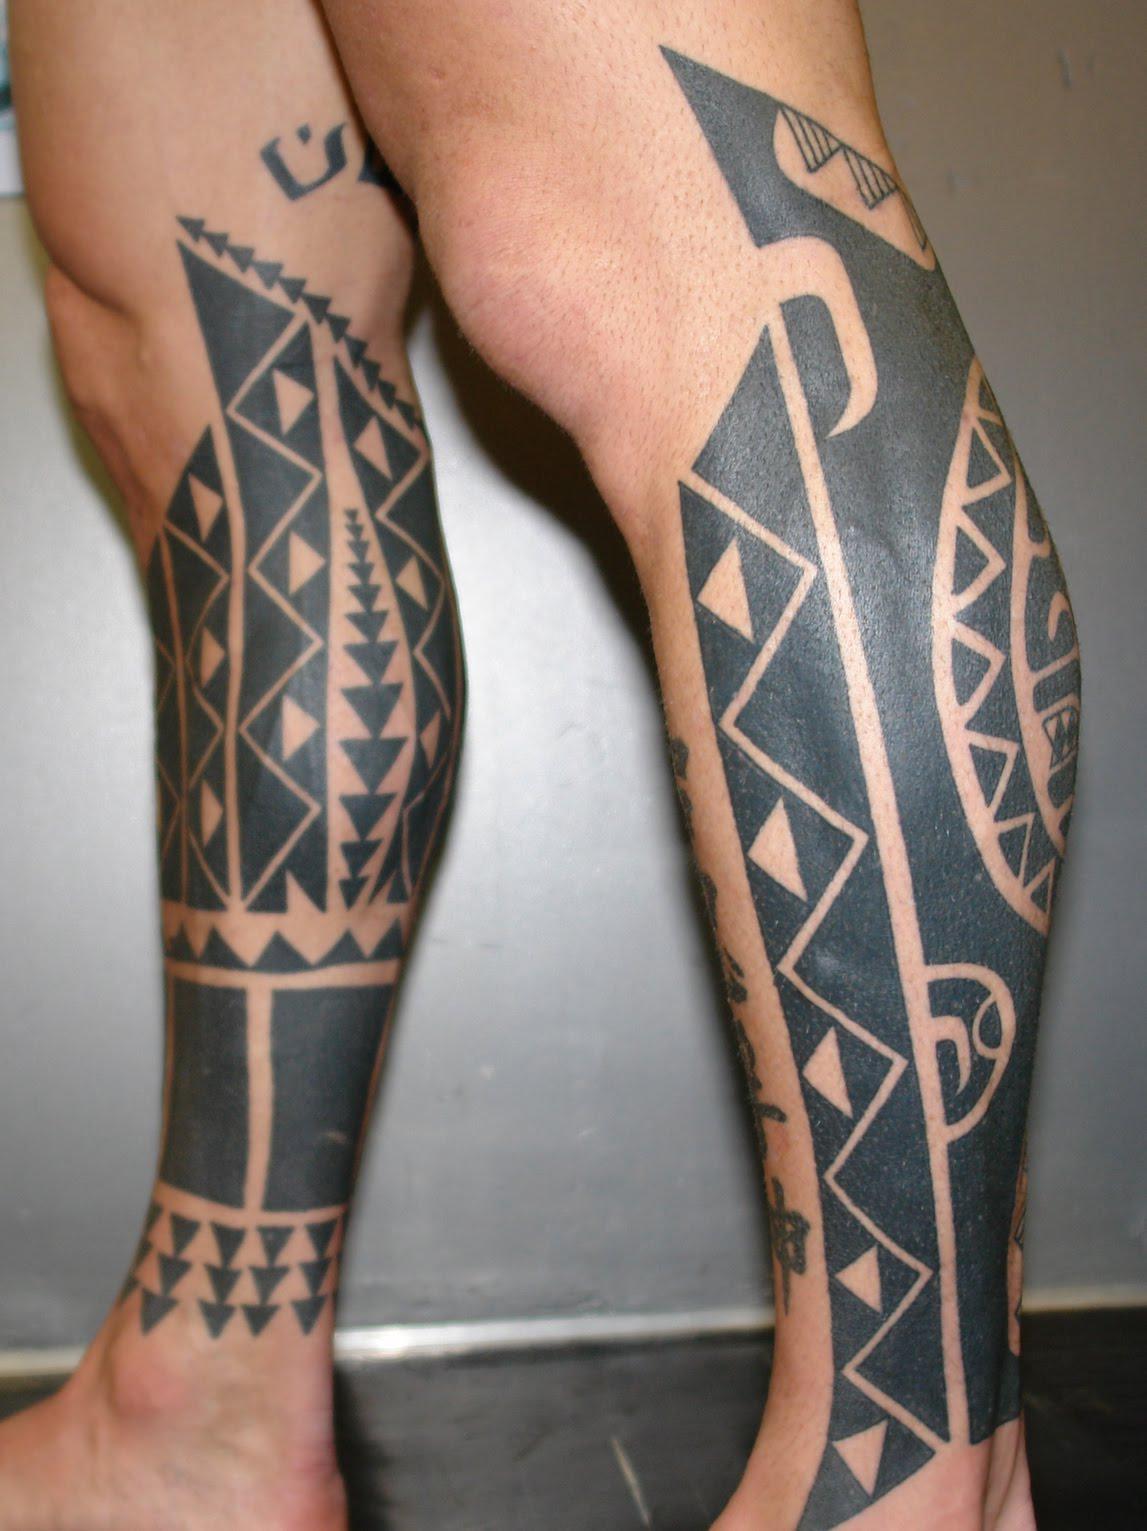 Tattoo Ideas Leg: Tattooz Designs: Tribal Leg Tattoos Designs